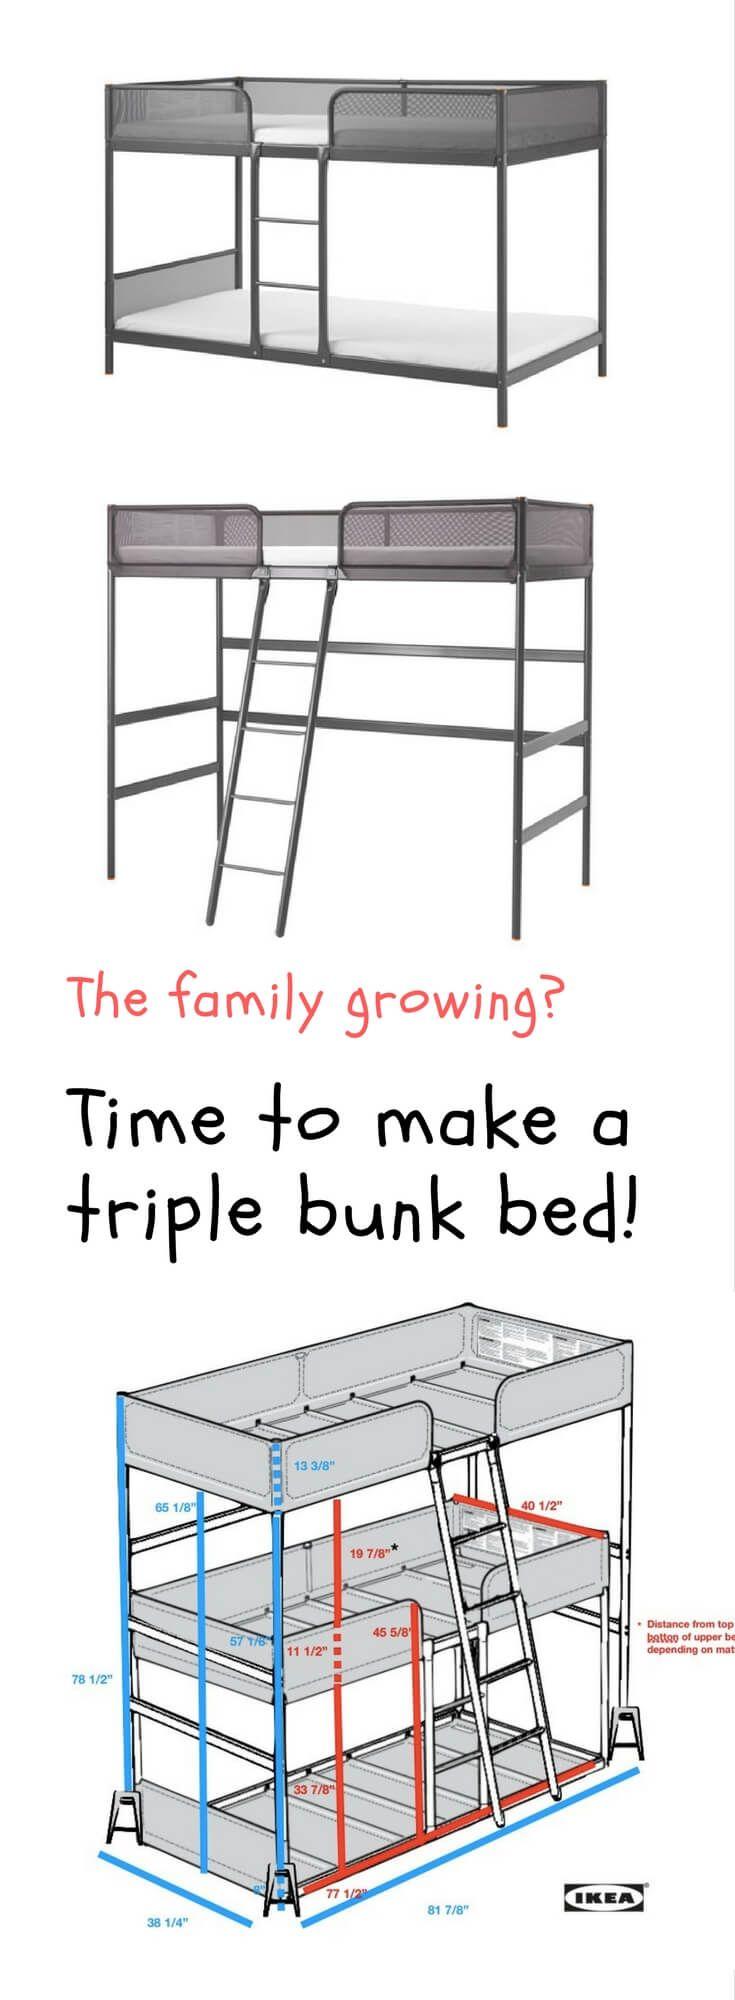 Triple bunk bed DIY http://www.ikeahackers.net/2017/08/triple-bunk-bed-diy.html